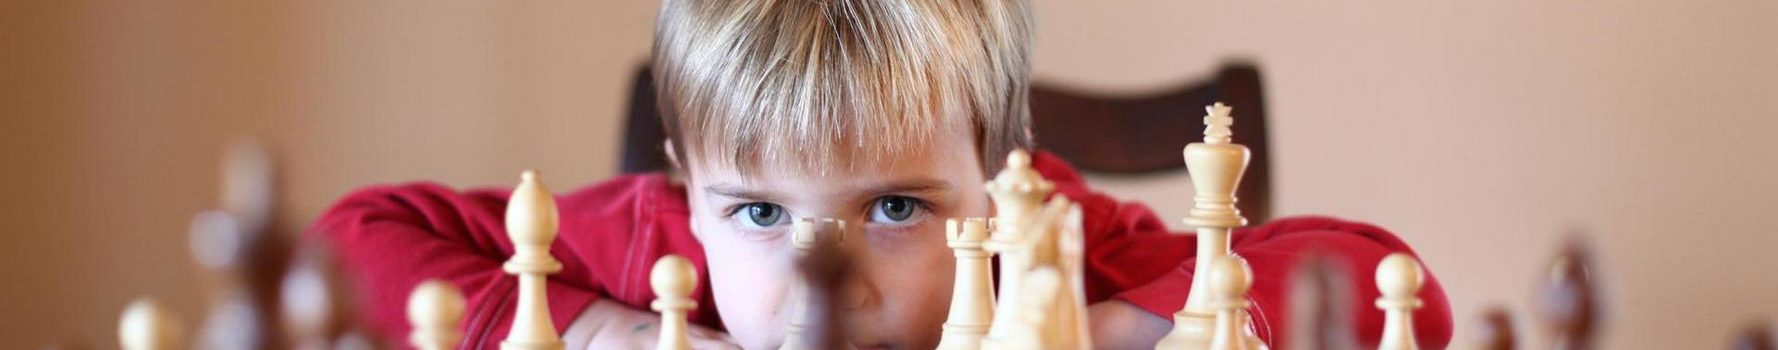 Методика преподавания курса «Шахматы в школе» в условиях реализации ФГОС